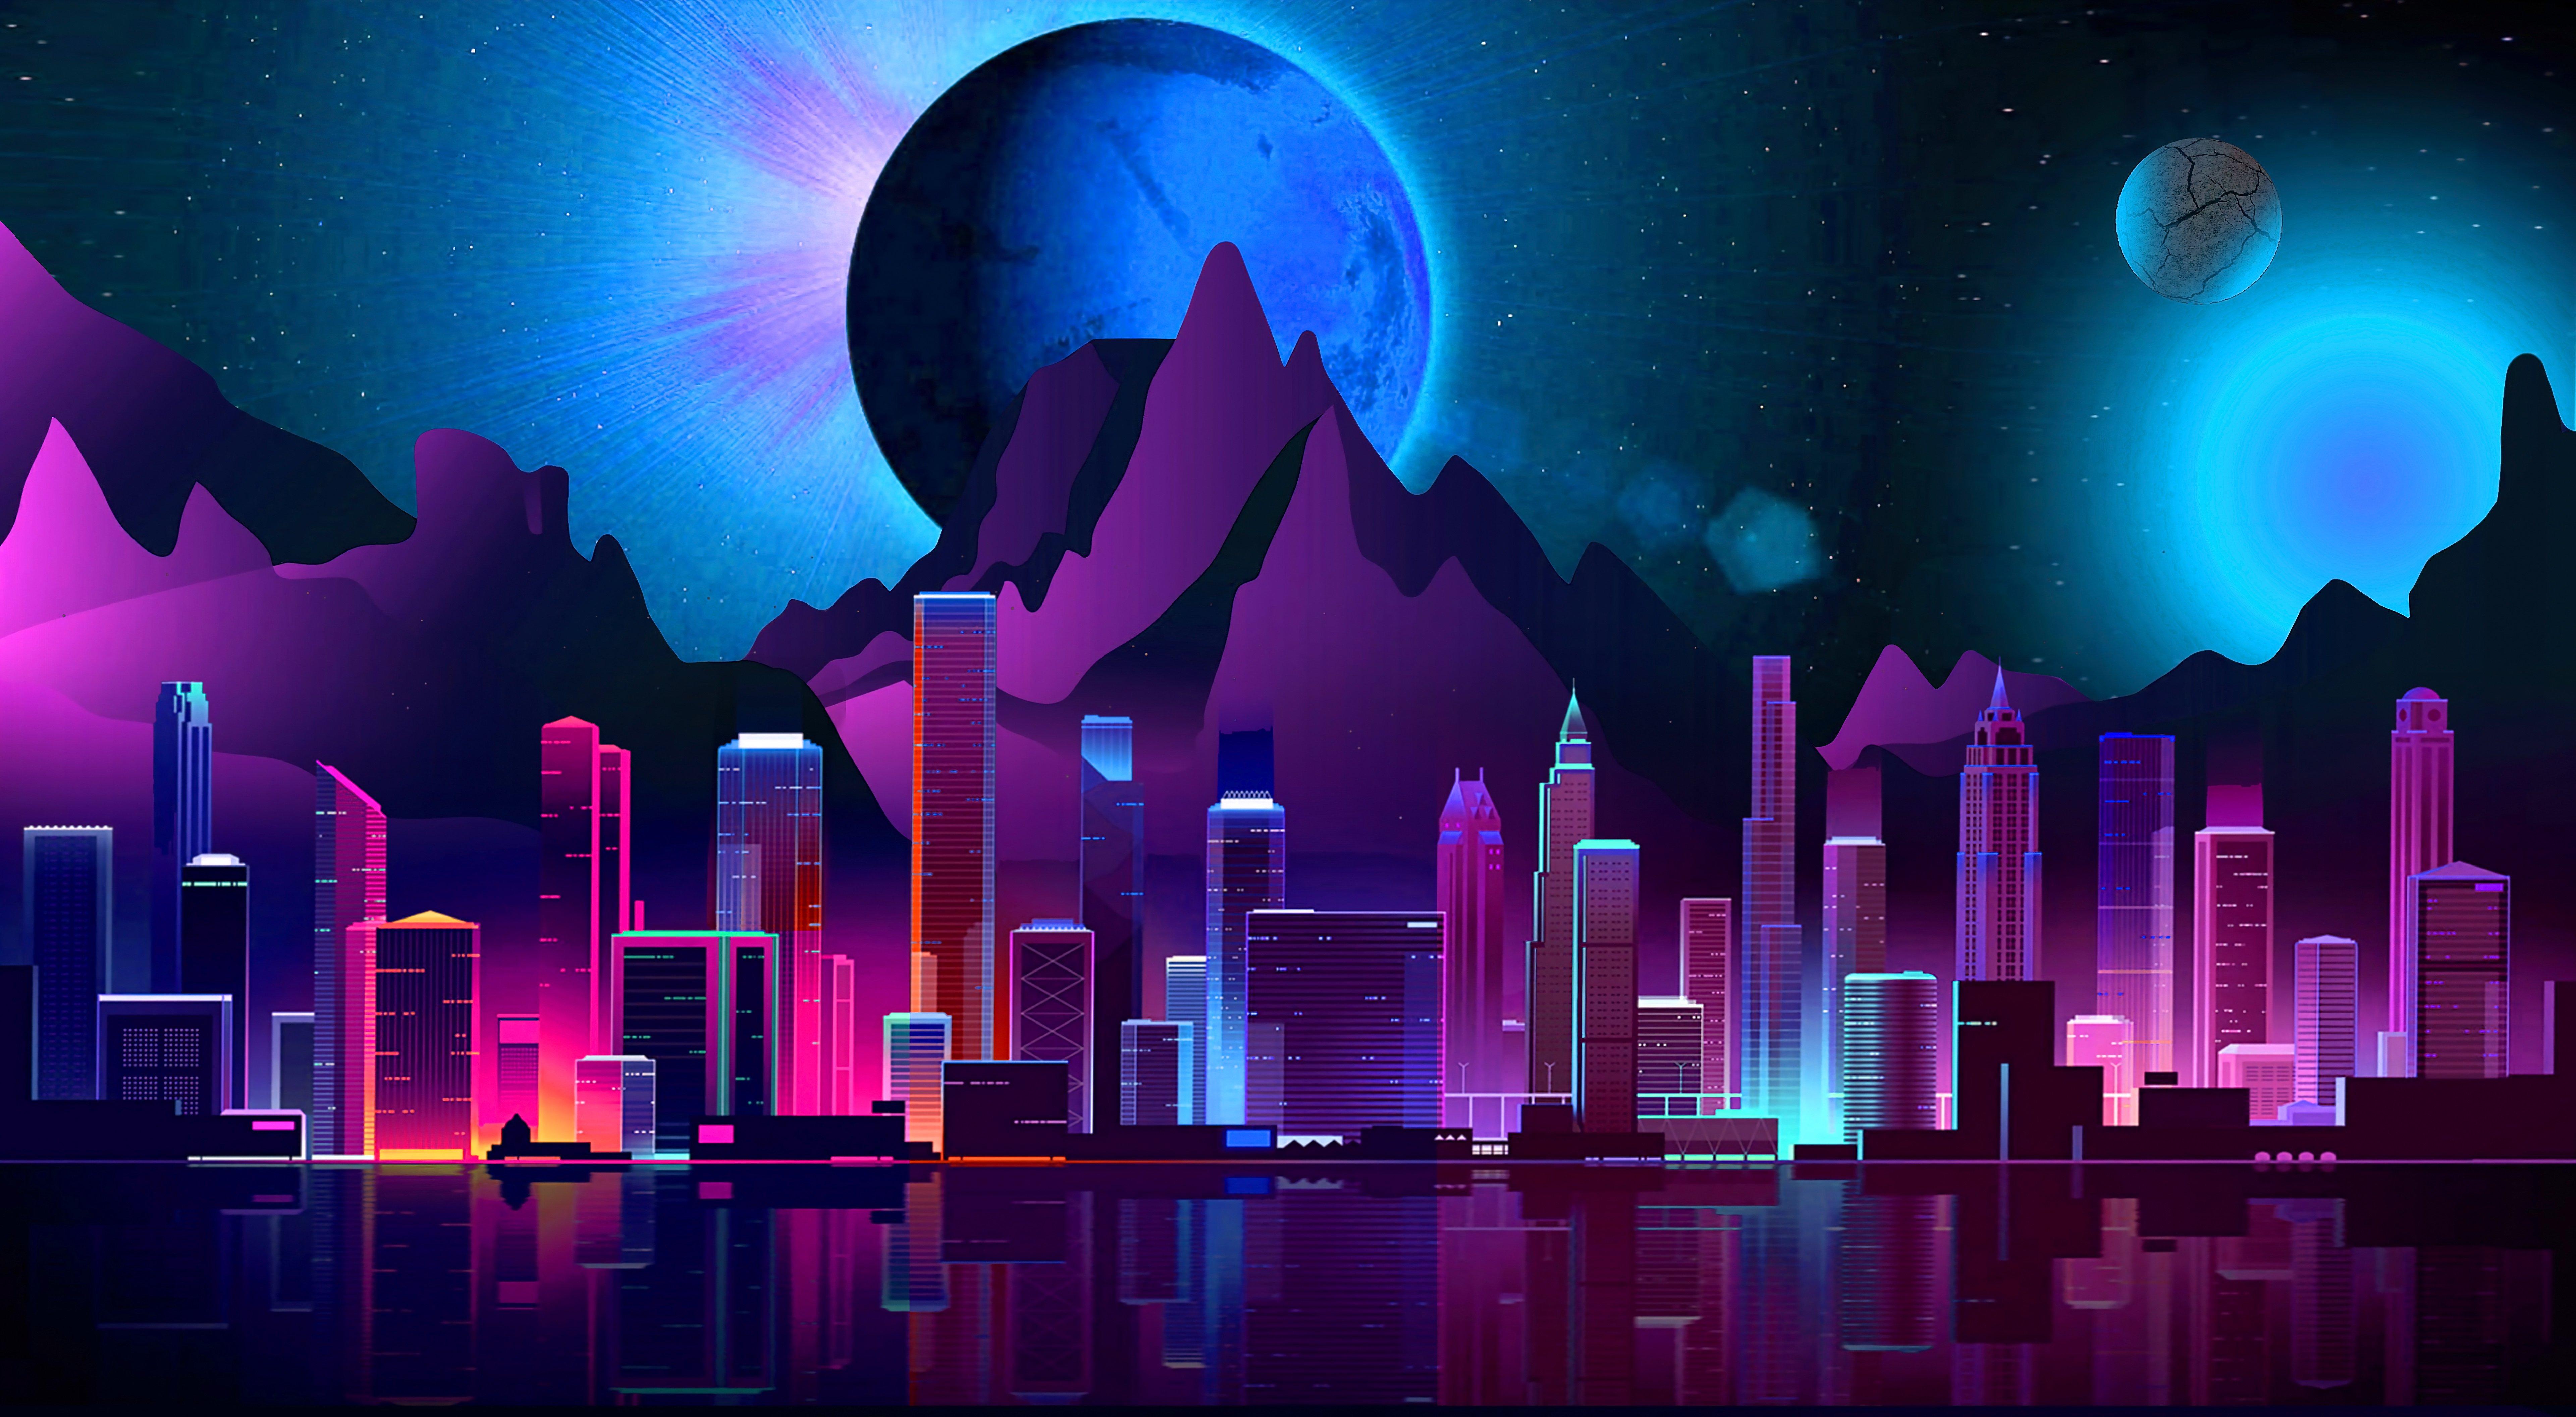 Fondos de pantalla Ciudad Futurista Estilo Retro